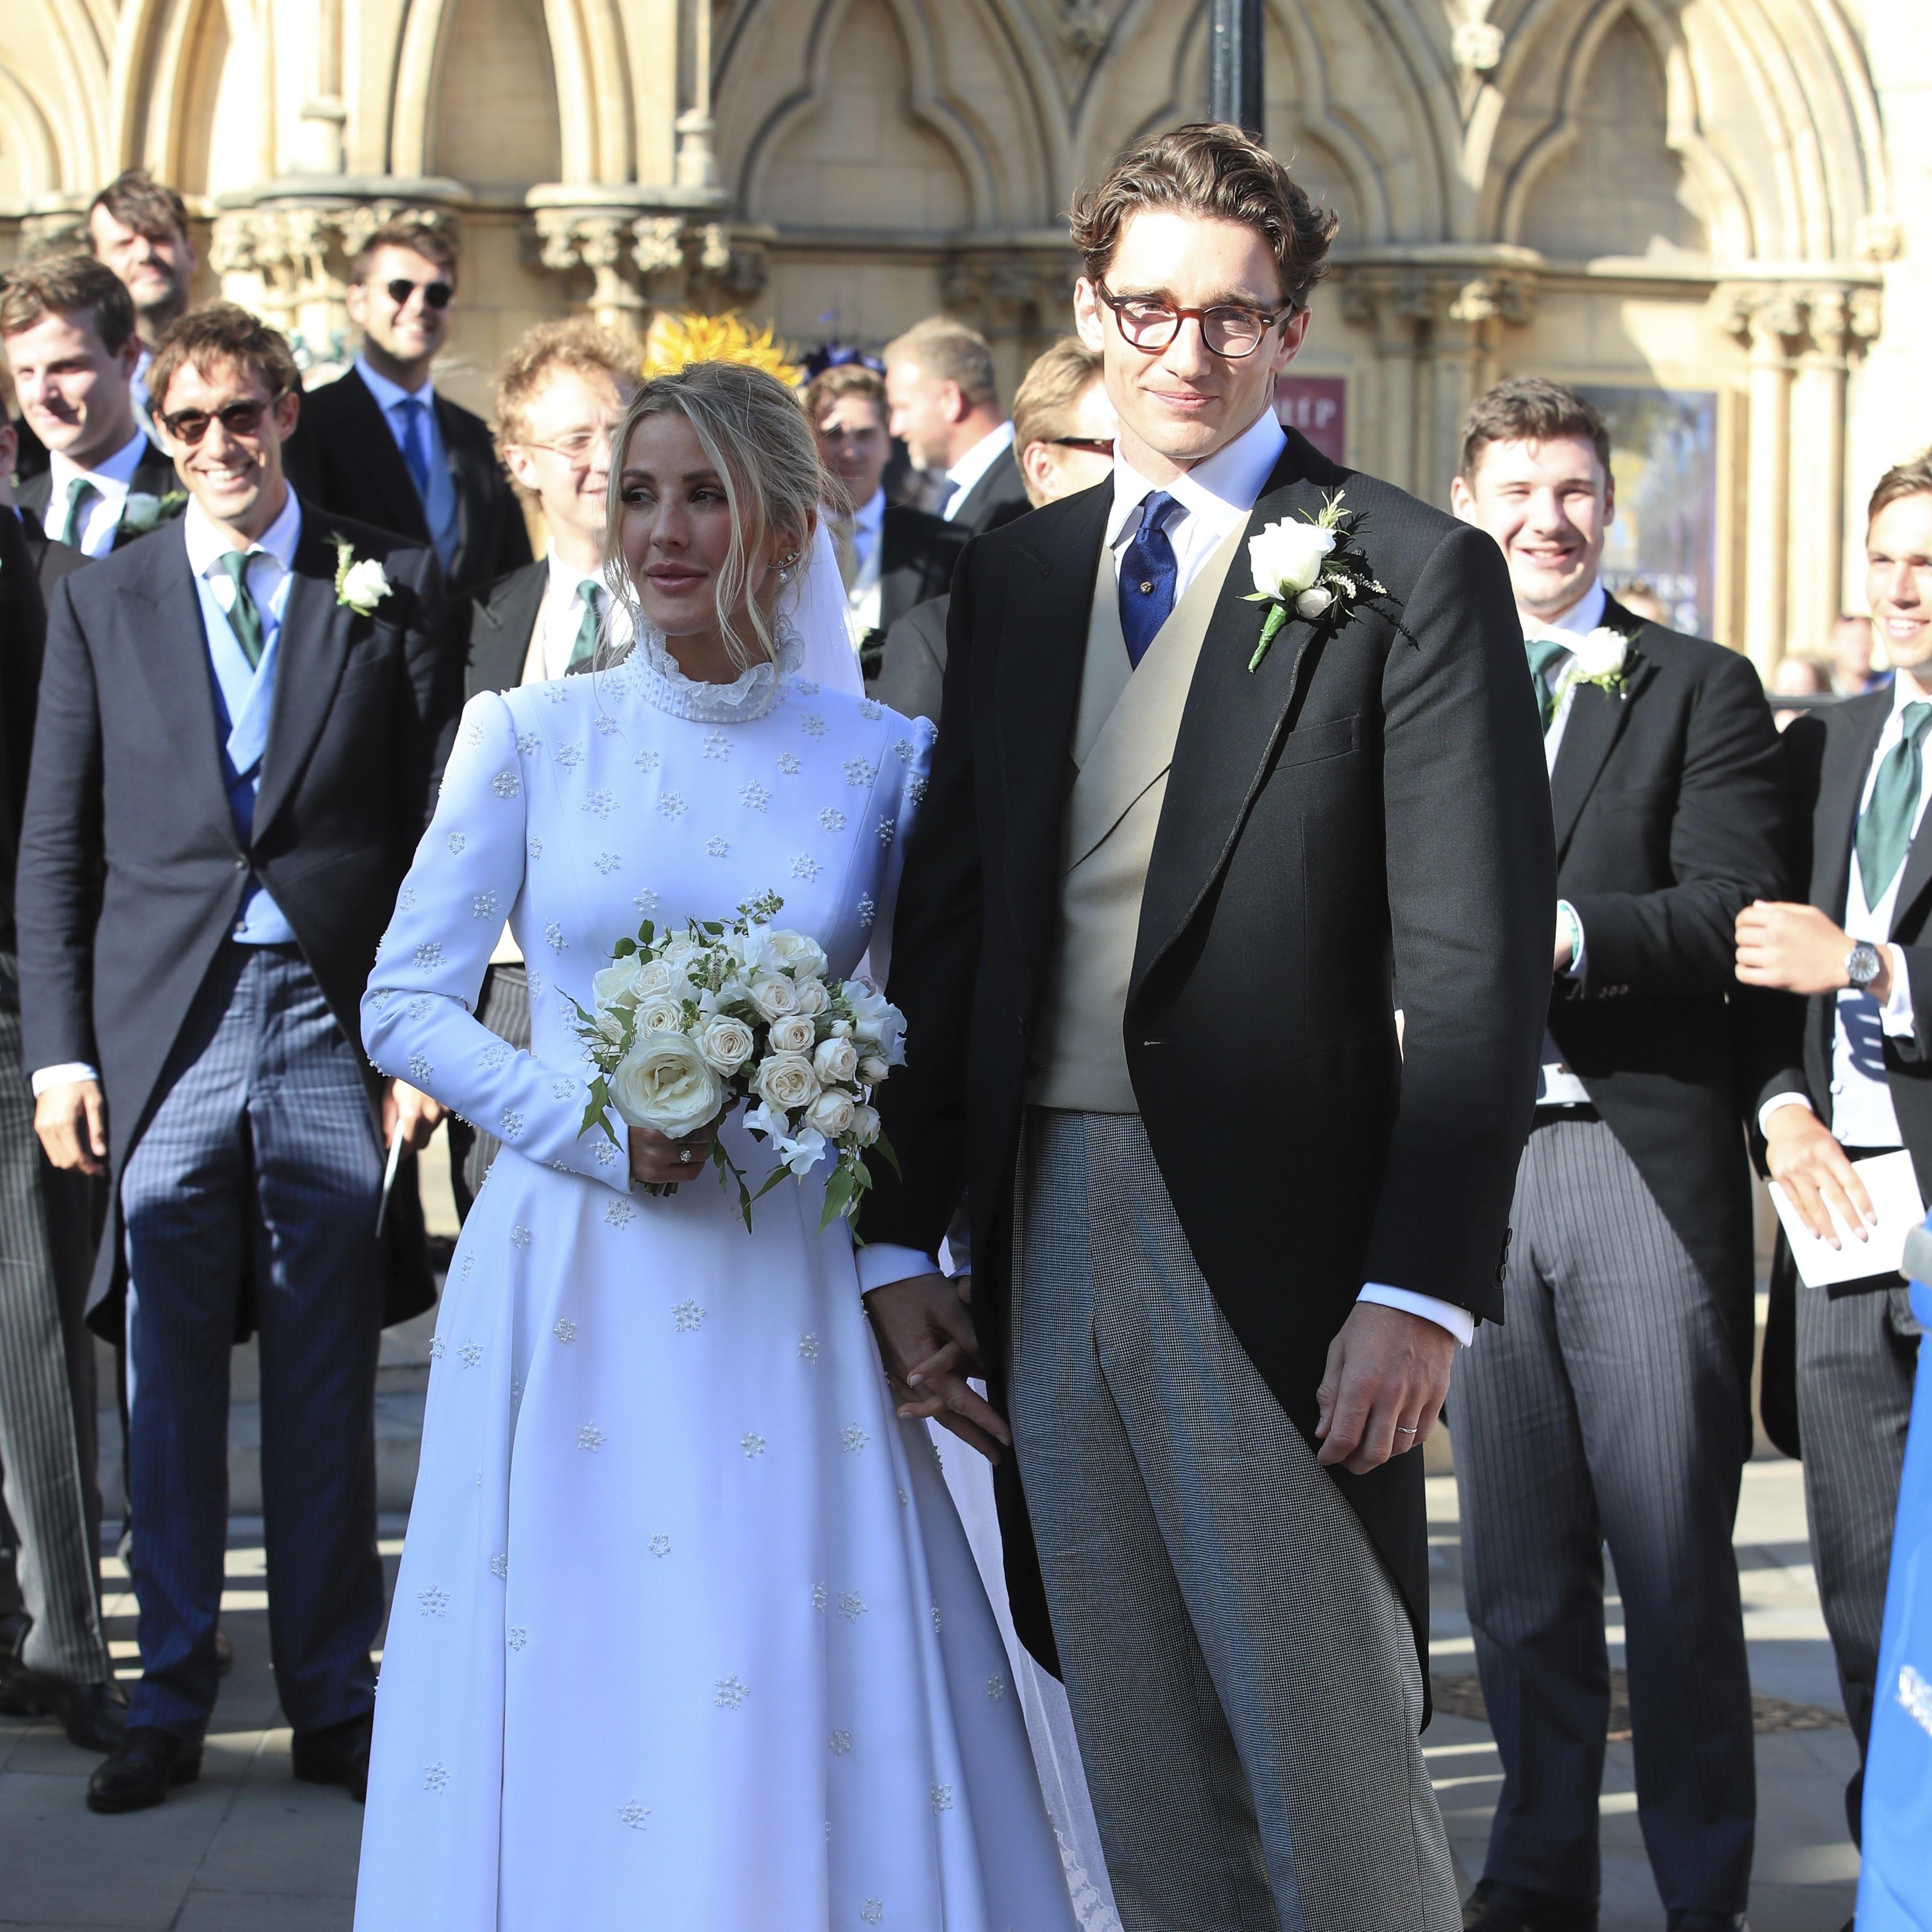 埃利·古尔丁在英国约克与卡斯帕·乔普林结婚